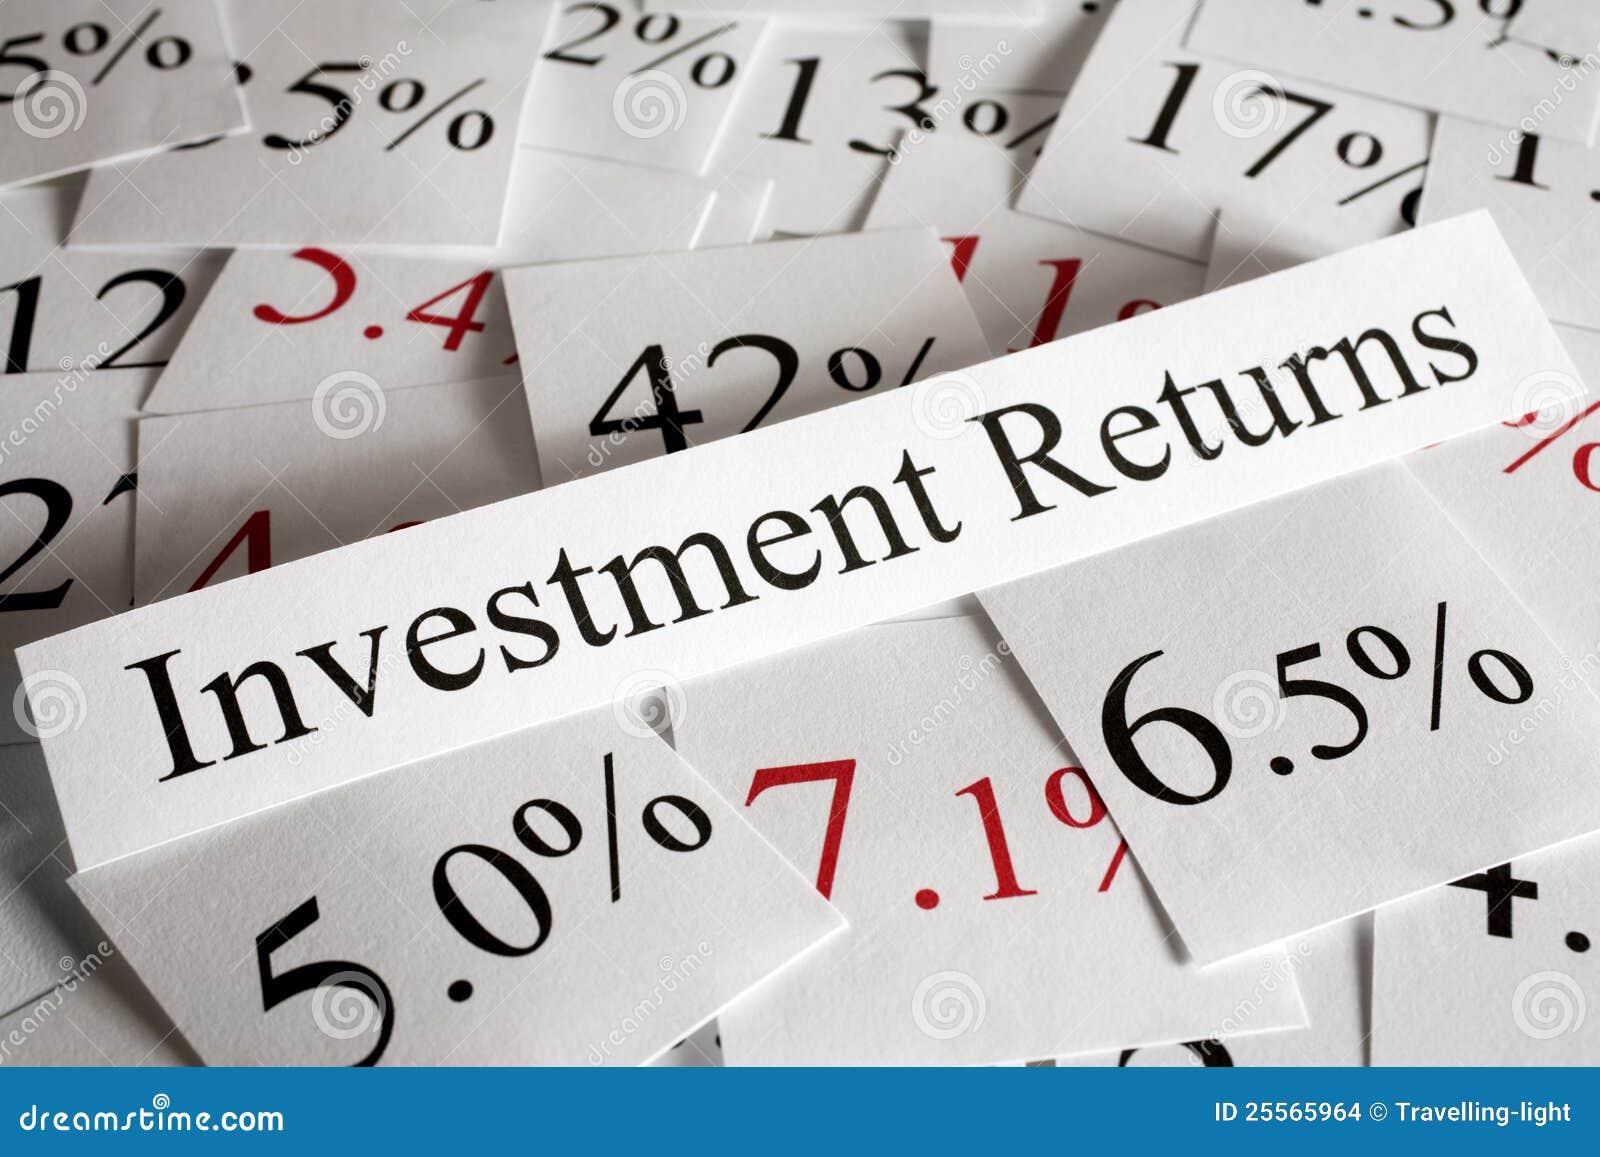 έσοδα από επενδύσεις έννοιας